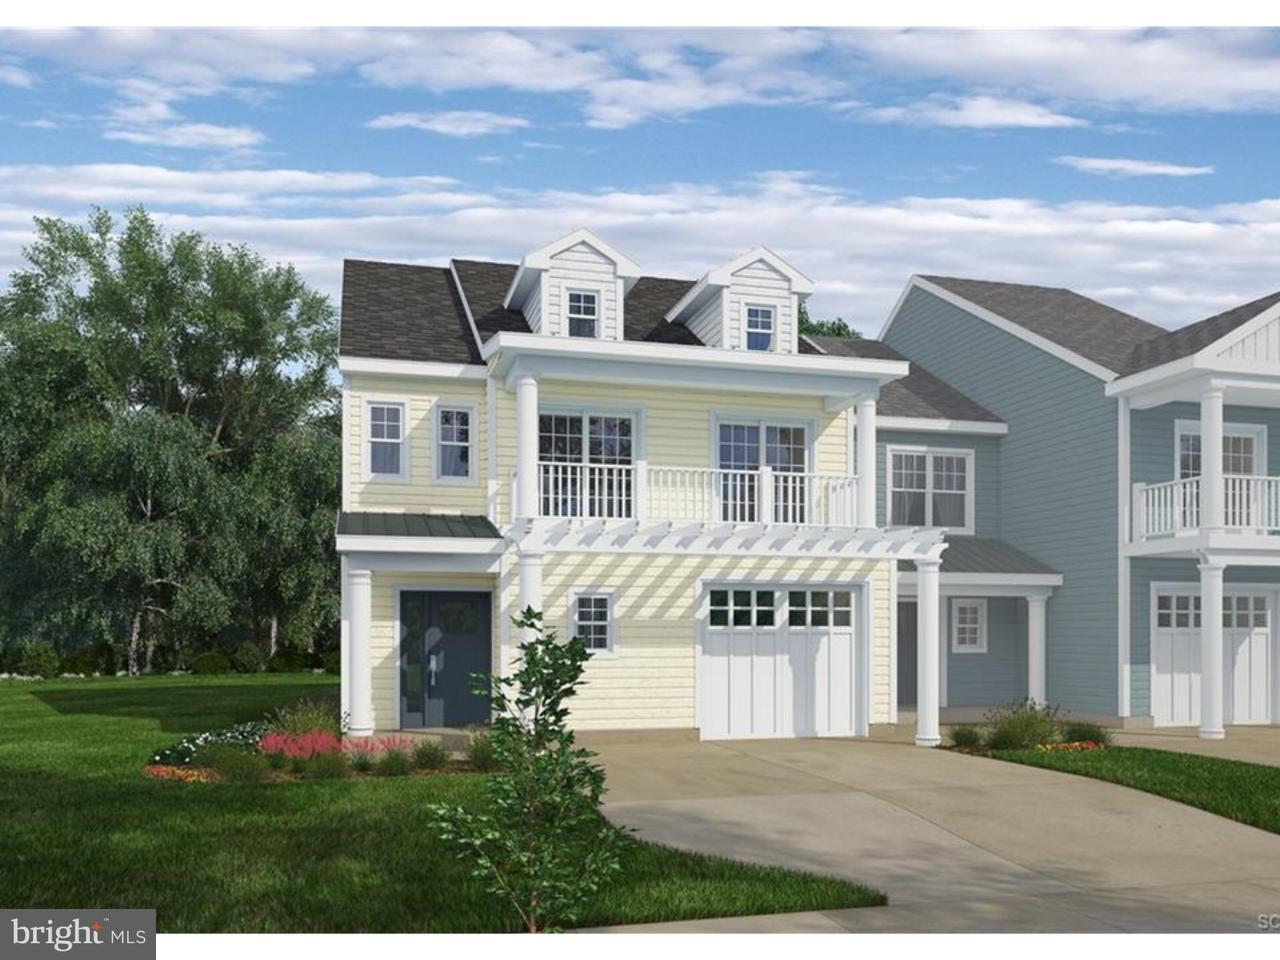 Radhus för Försäljning vid 36209 GLENVEAGH RD #UNIT 1 Selbyville, Delaware 19975 Usa